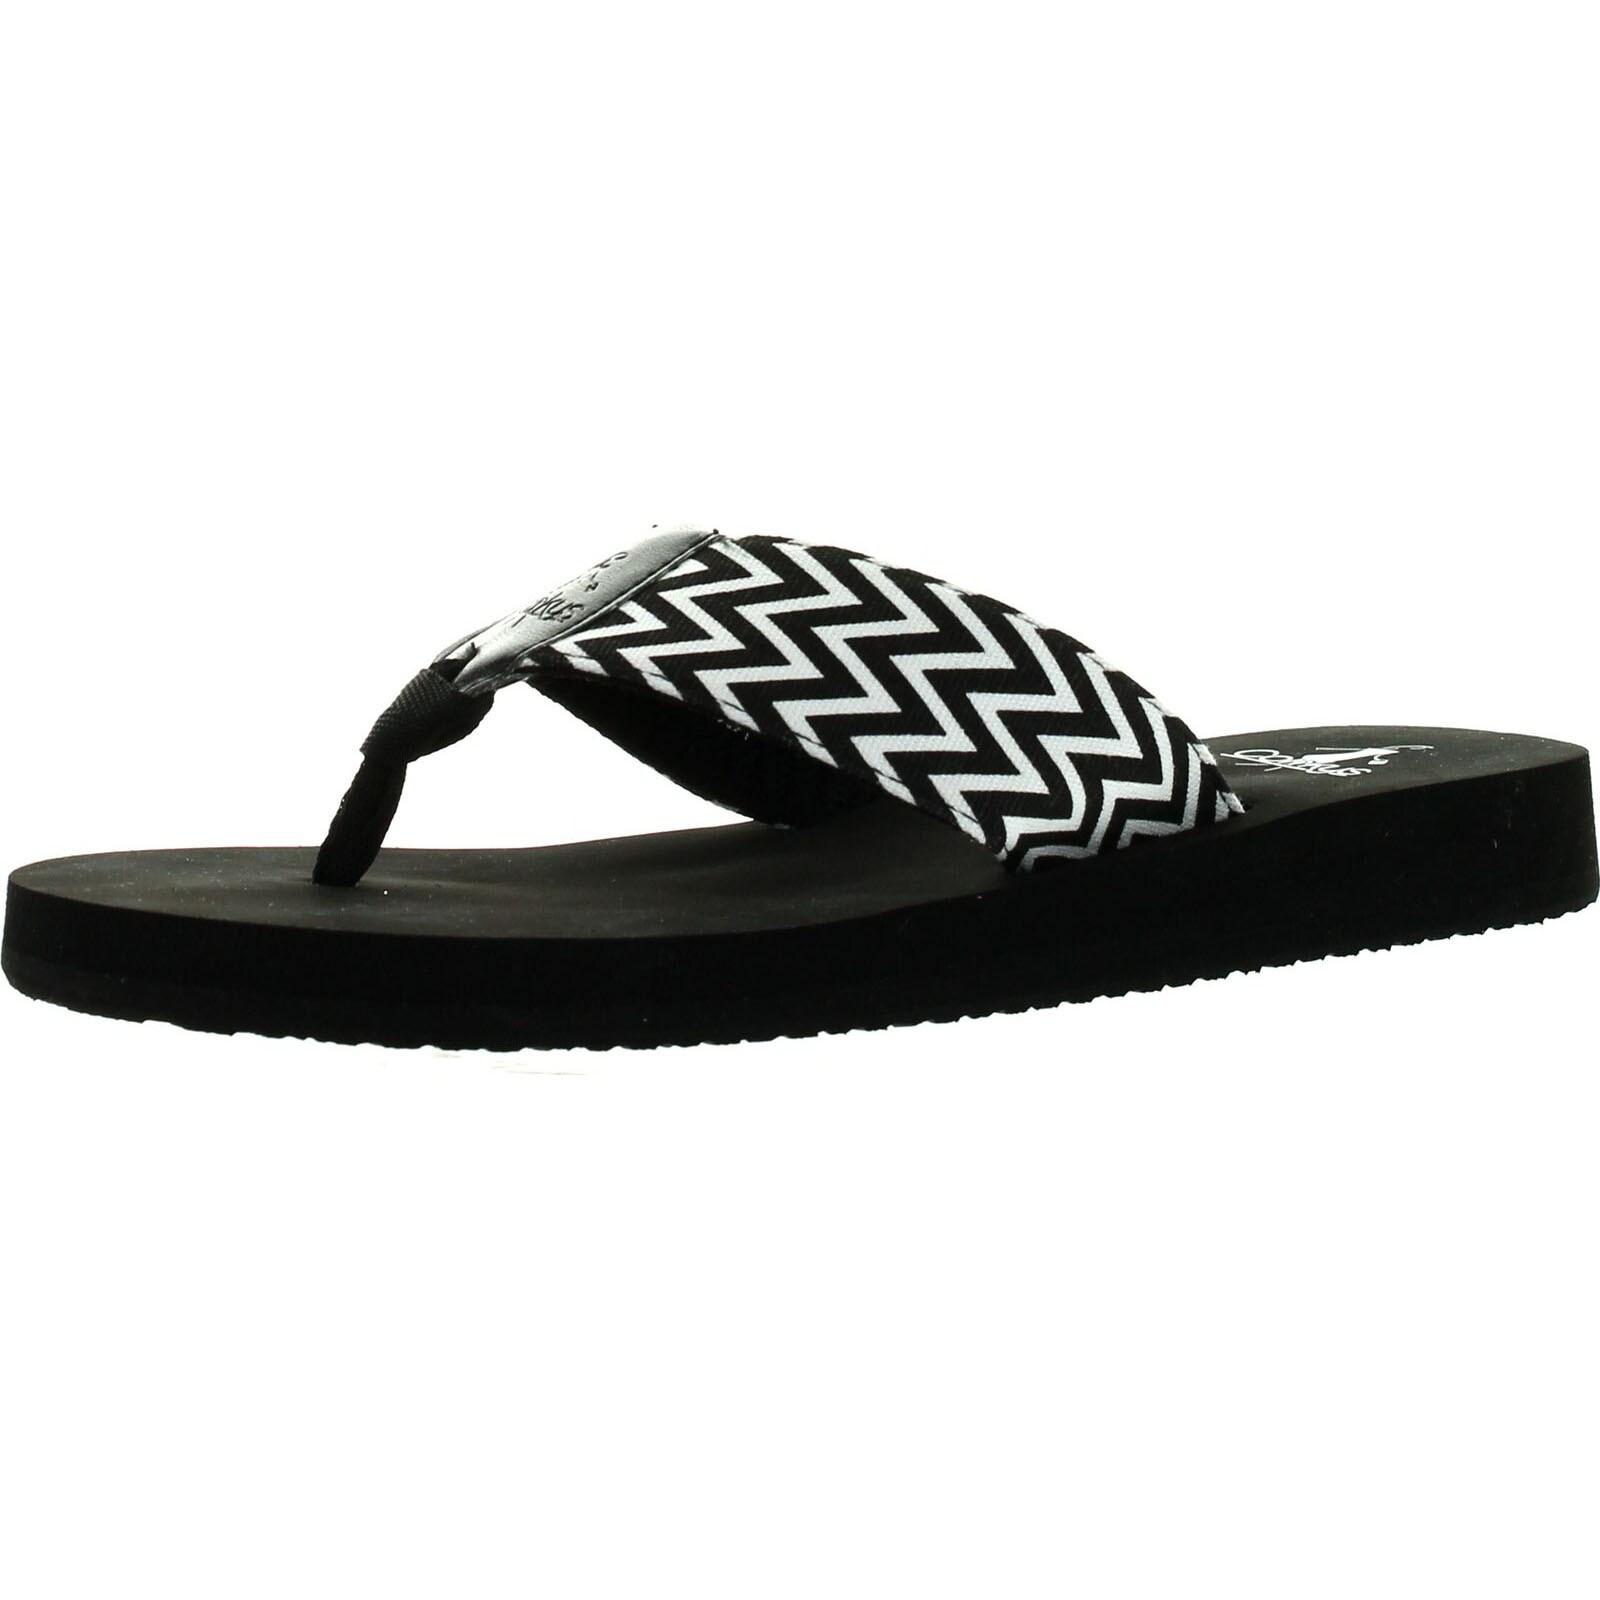 95135281d4a0da Corkys Shoes